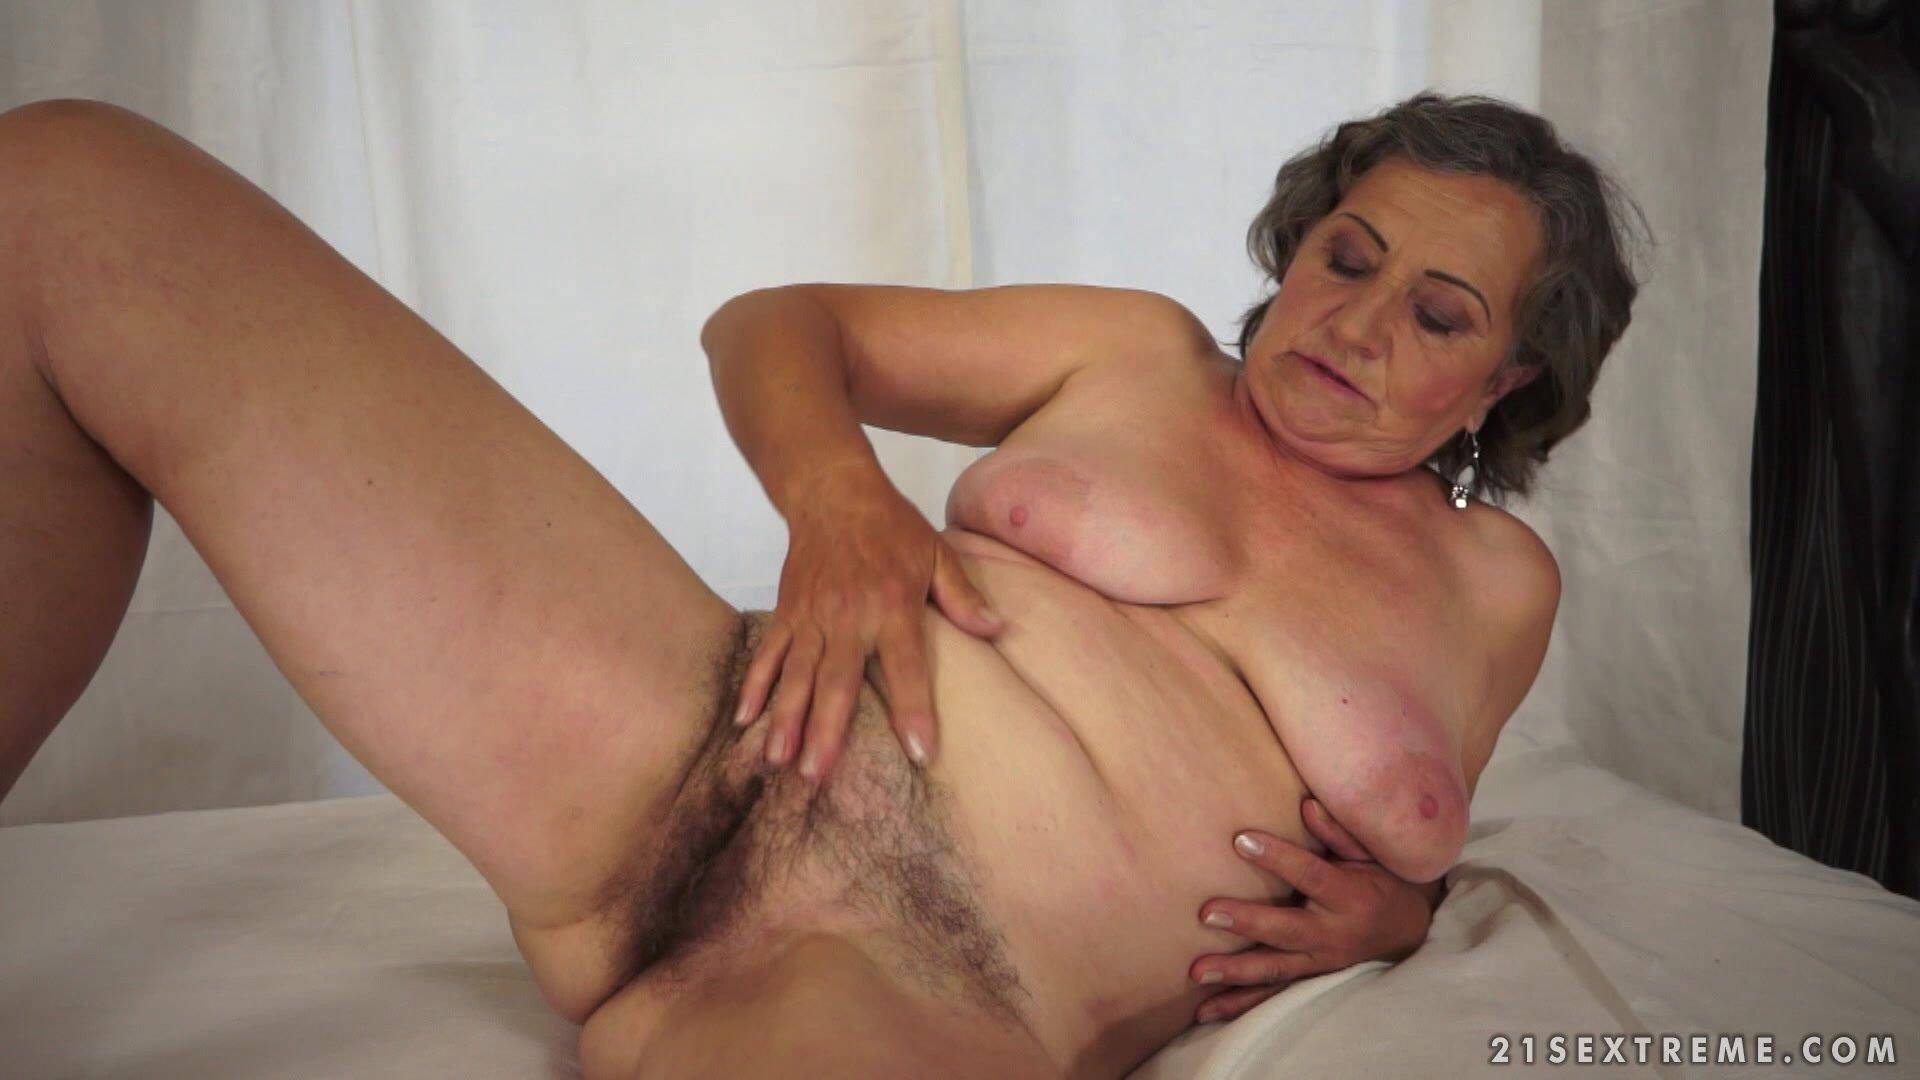 Granny Voyeur, Porn Galery